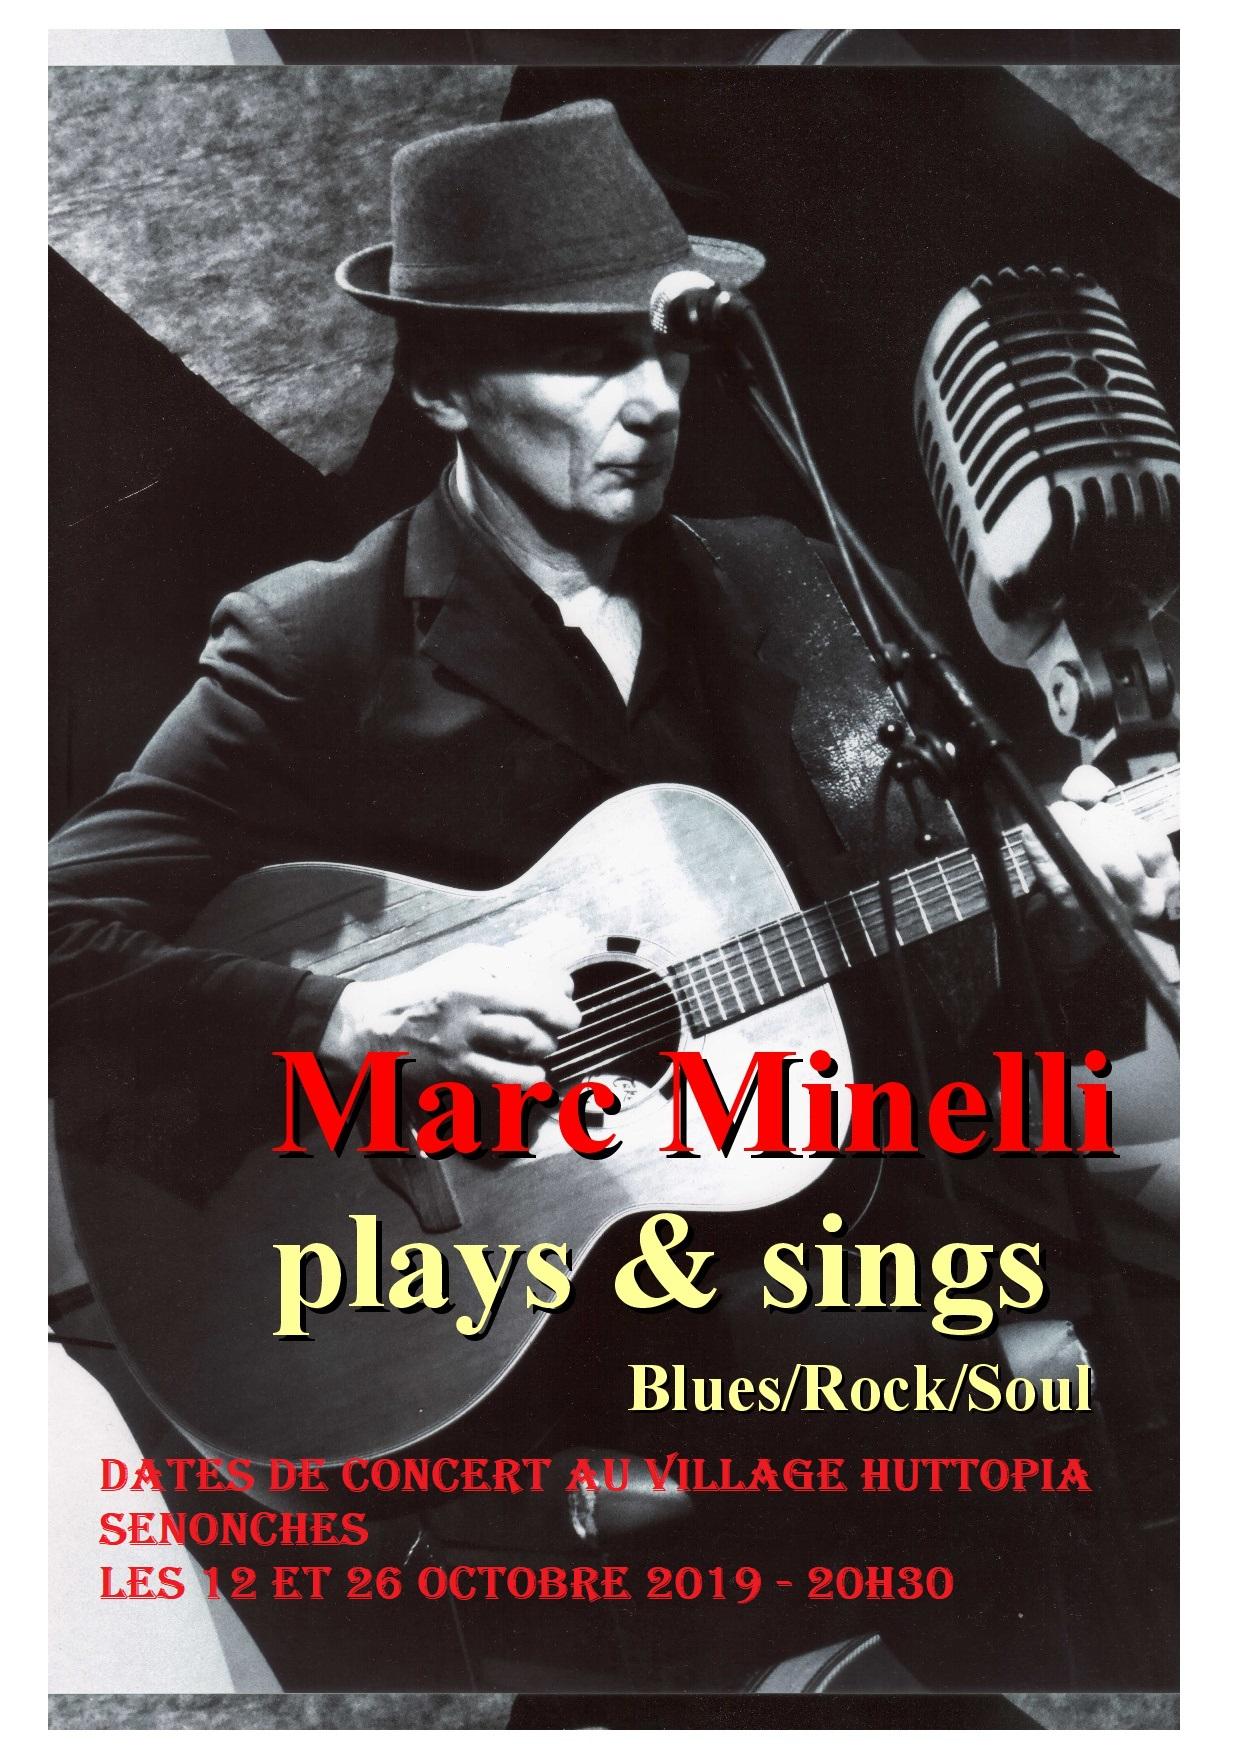 Concert avec Marc Minelli à SENONCHES © huttopia senonches